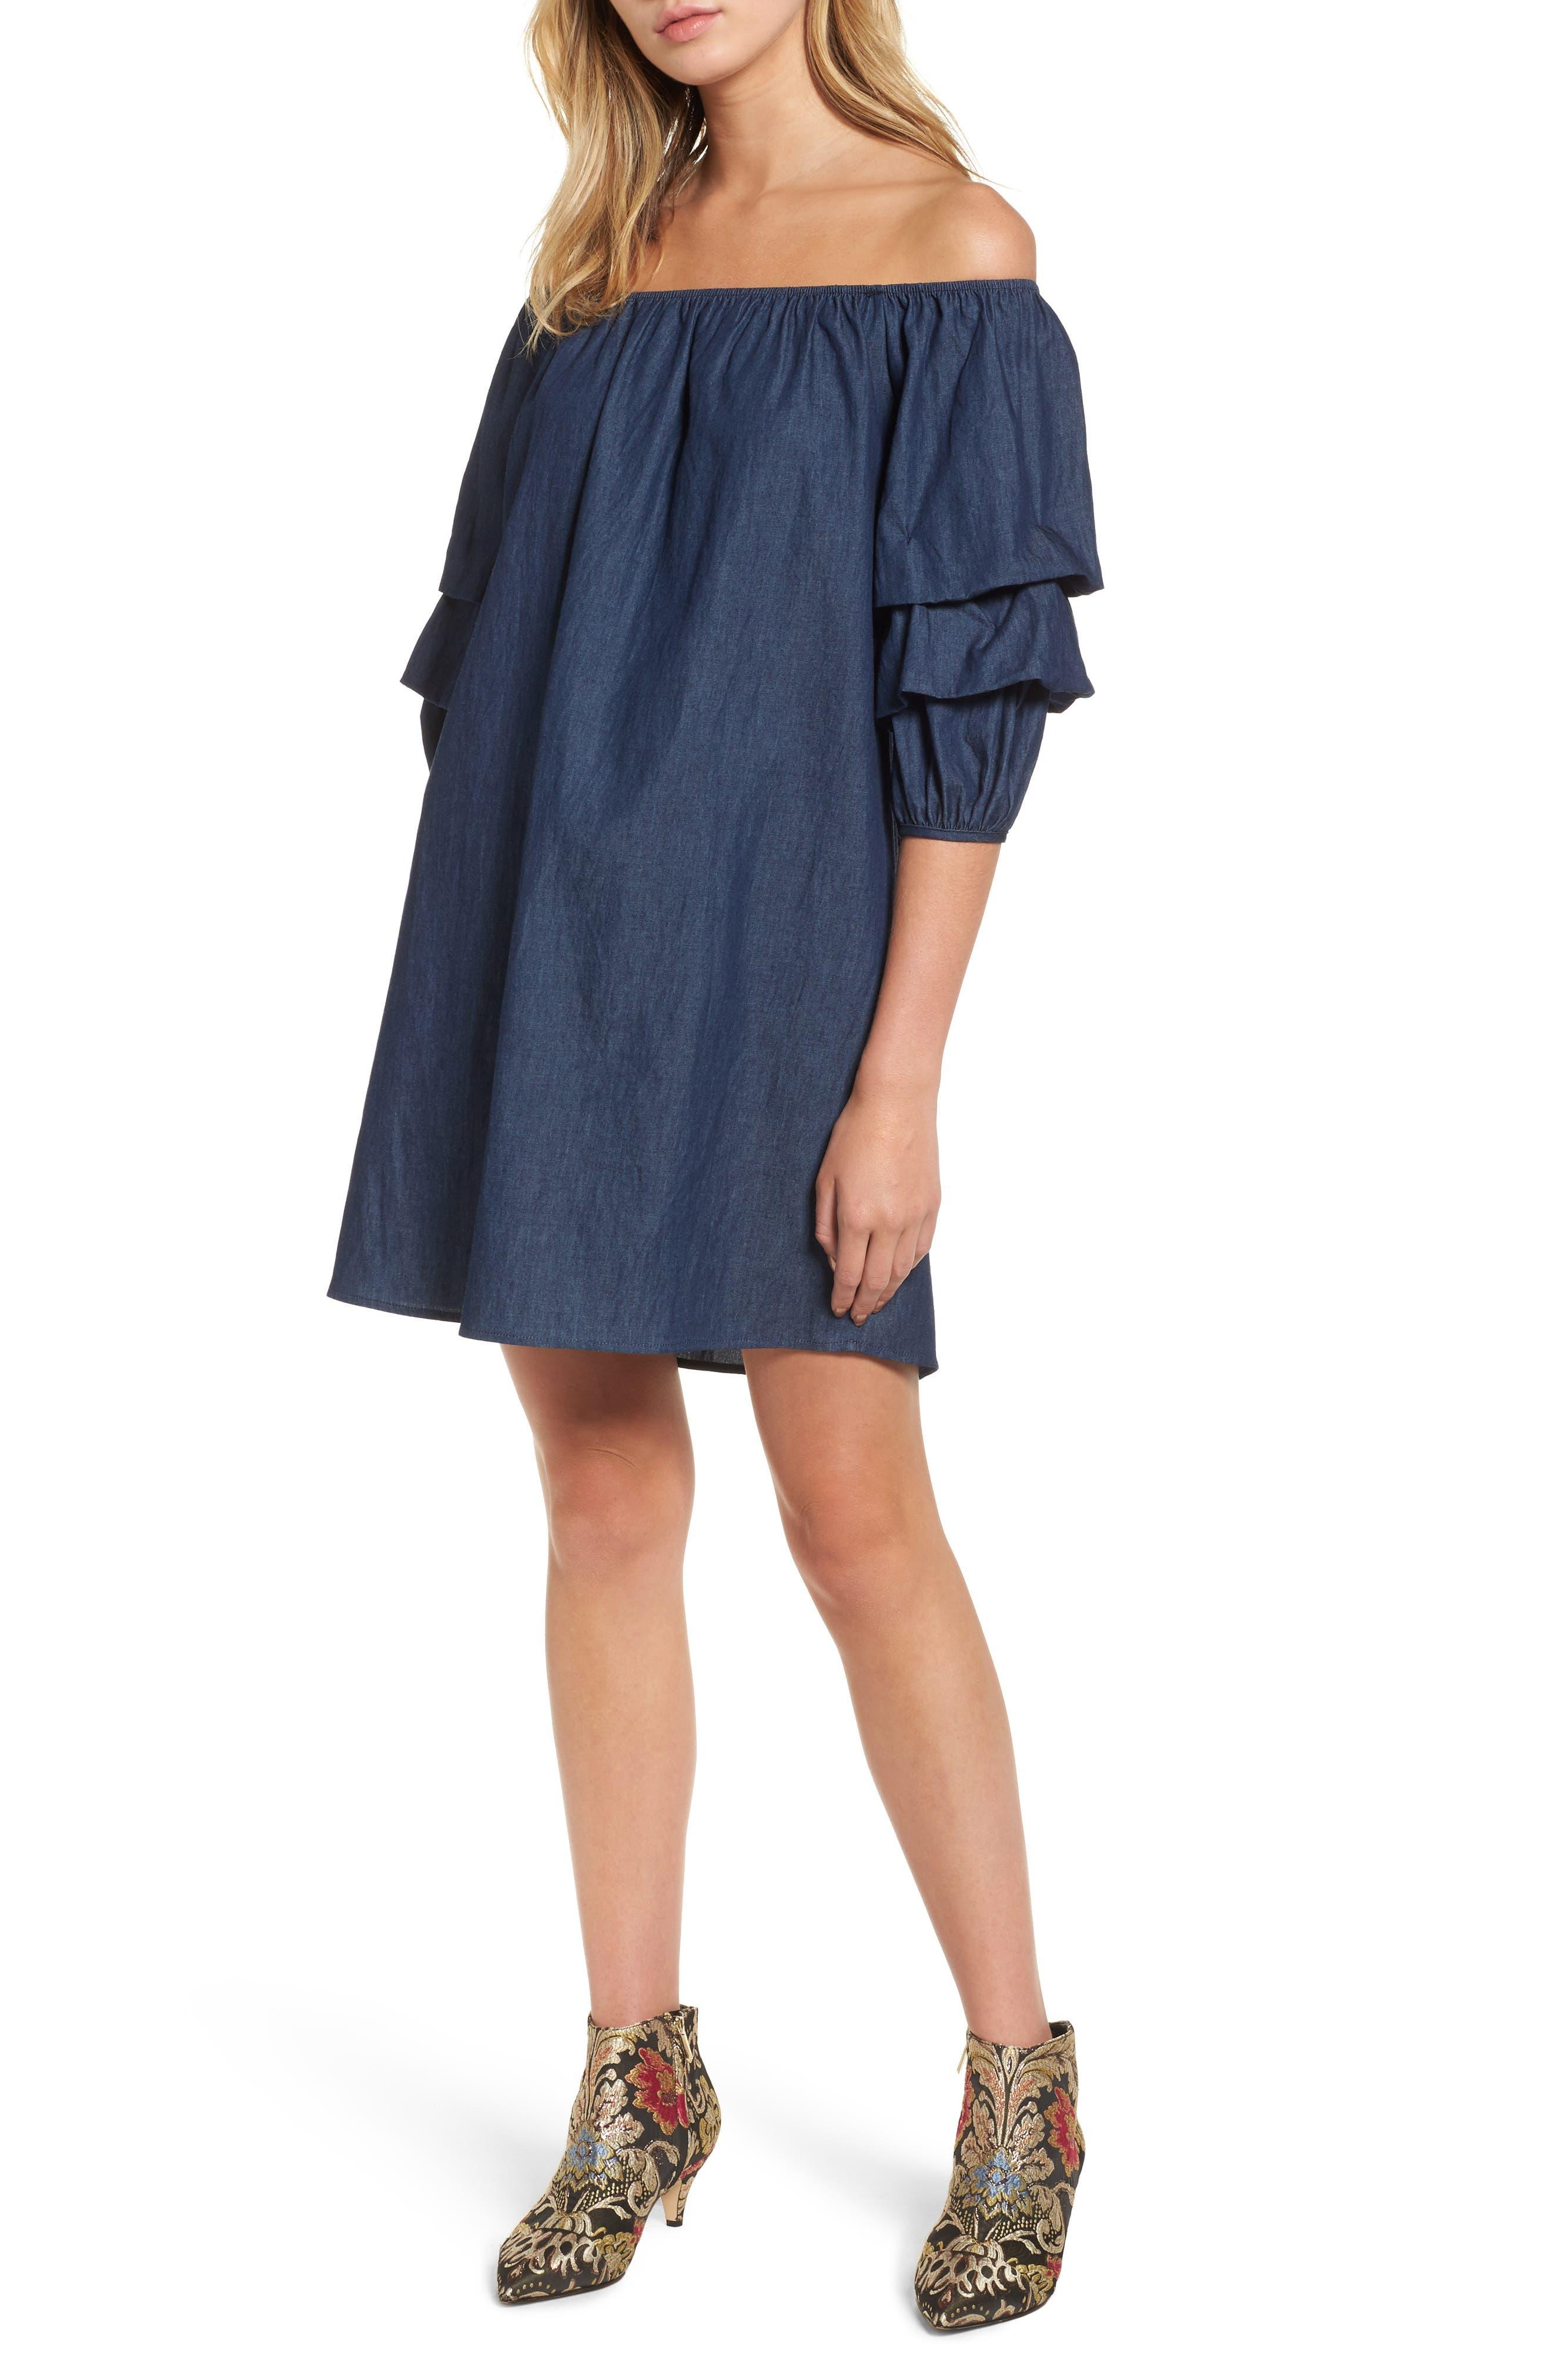 Alternate Image 1 Selected - BP. Off the Shoulder Denim Dress